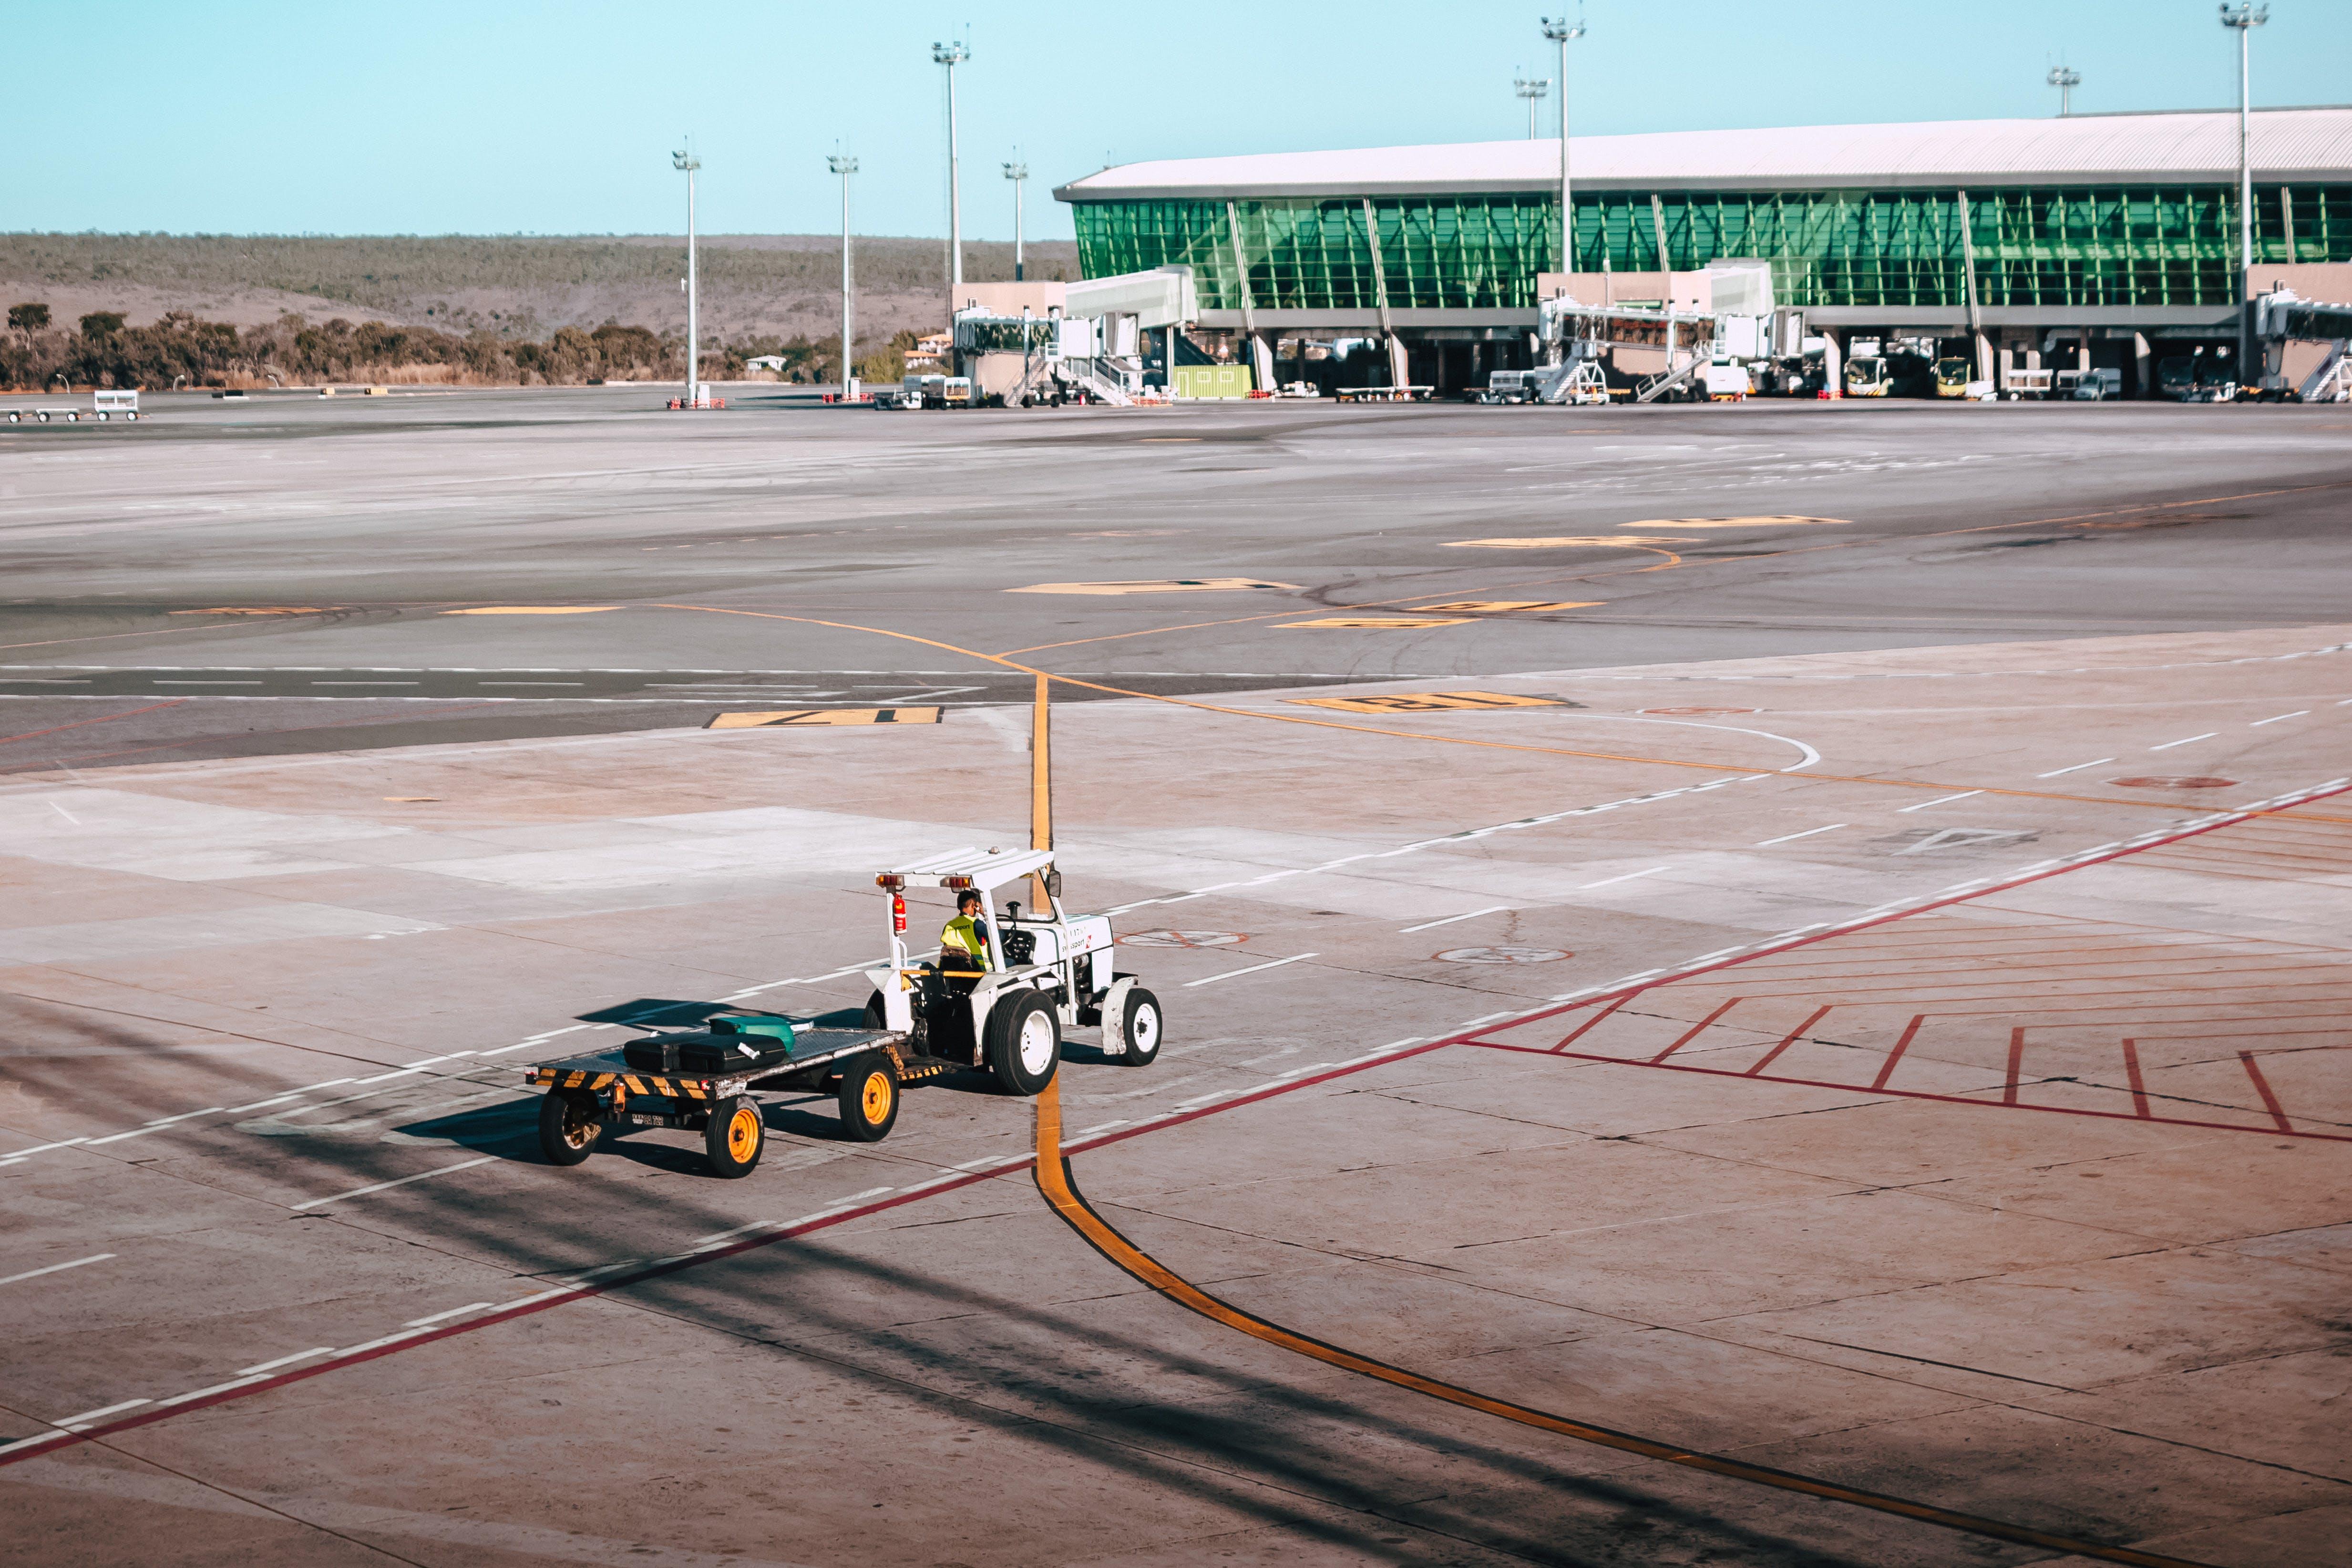 Δωρεάν στοκ φωτογραφιών με αεροδρόμιο, αεροπλοΐα, ασφαλτικό σκυρόδερμα, δράση